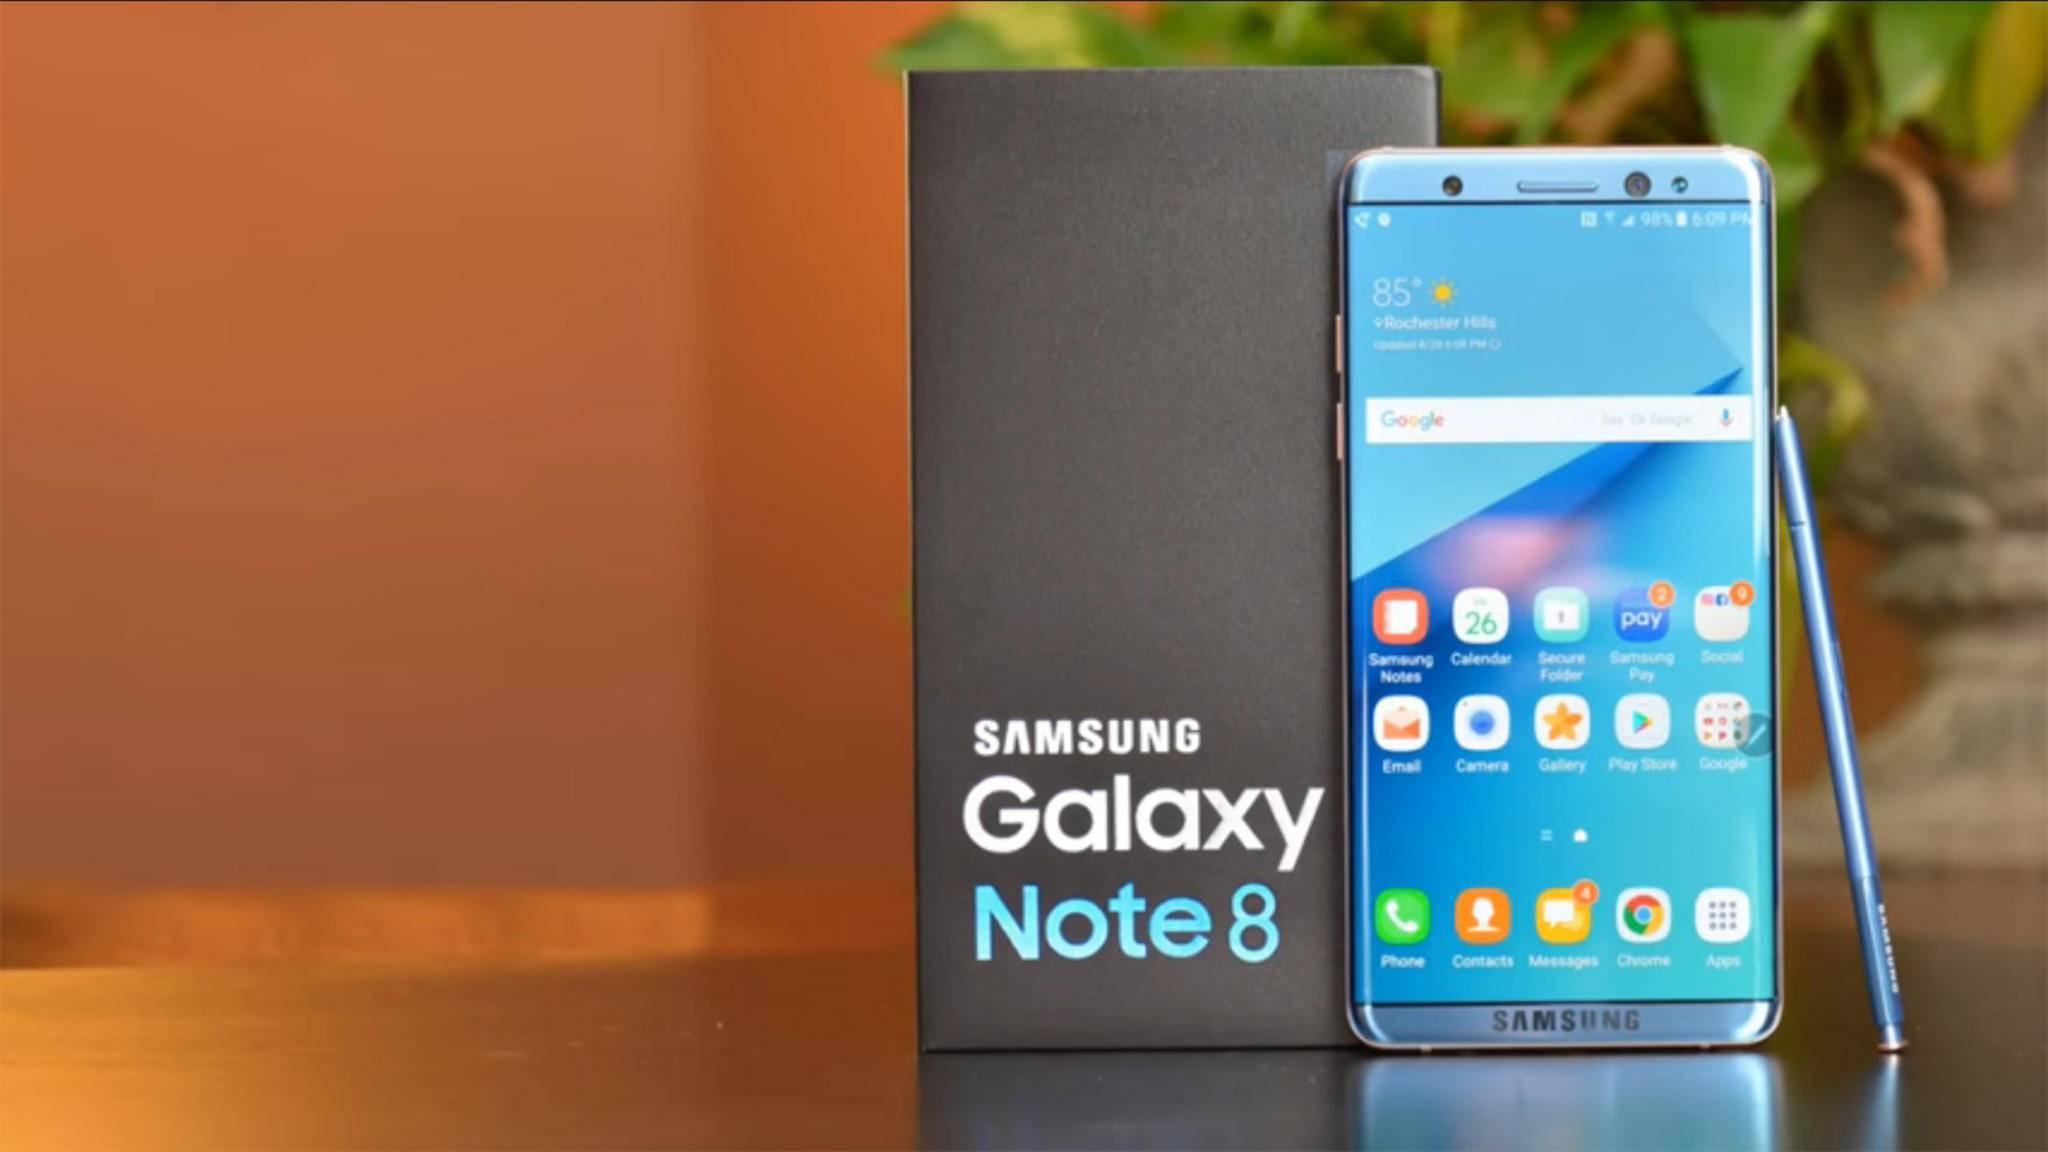 Das Galaxy Note 8 erscheint zwar erst in der zweiten Jahreshälfte, die Arbeiten an der Software haben aber bereits begonnen.